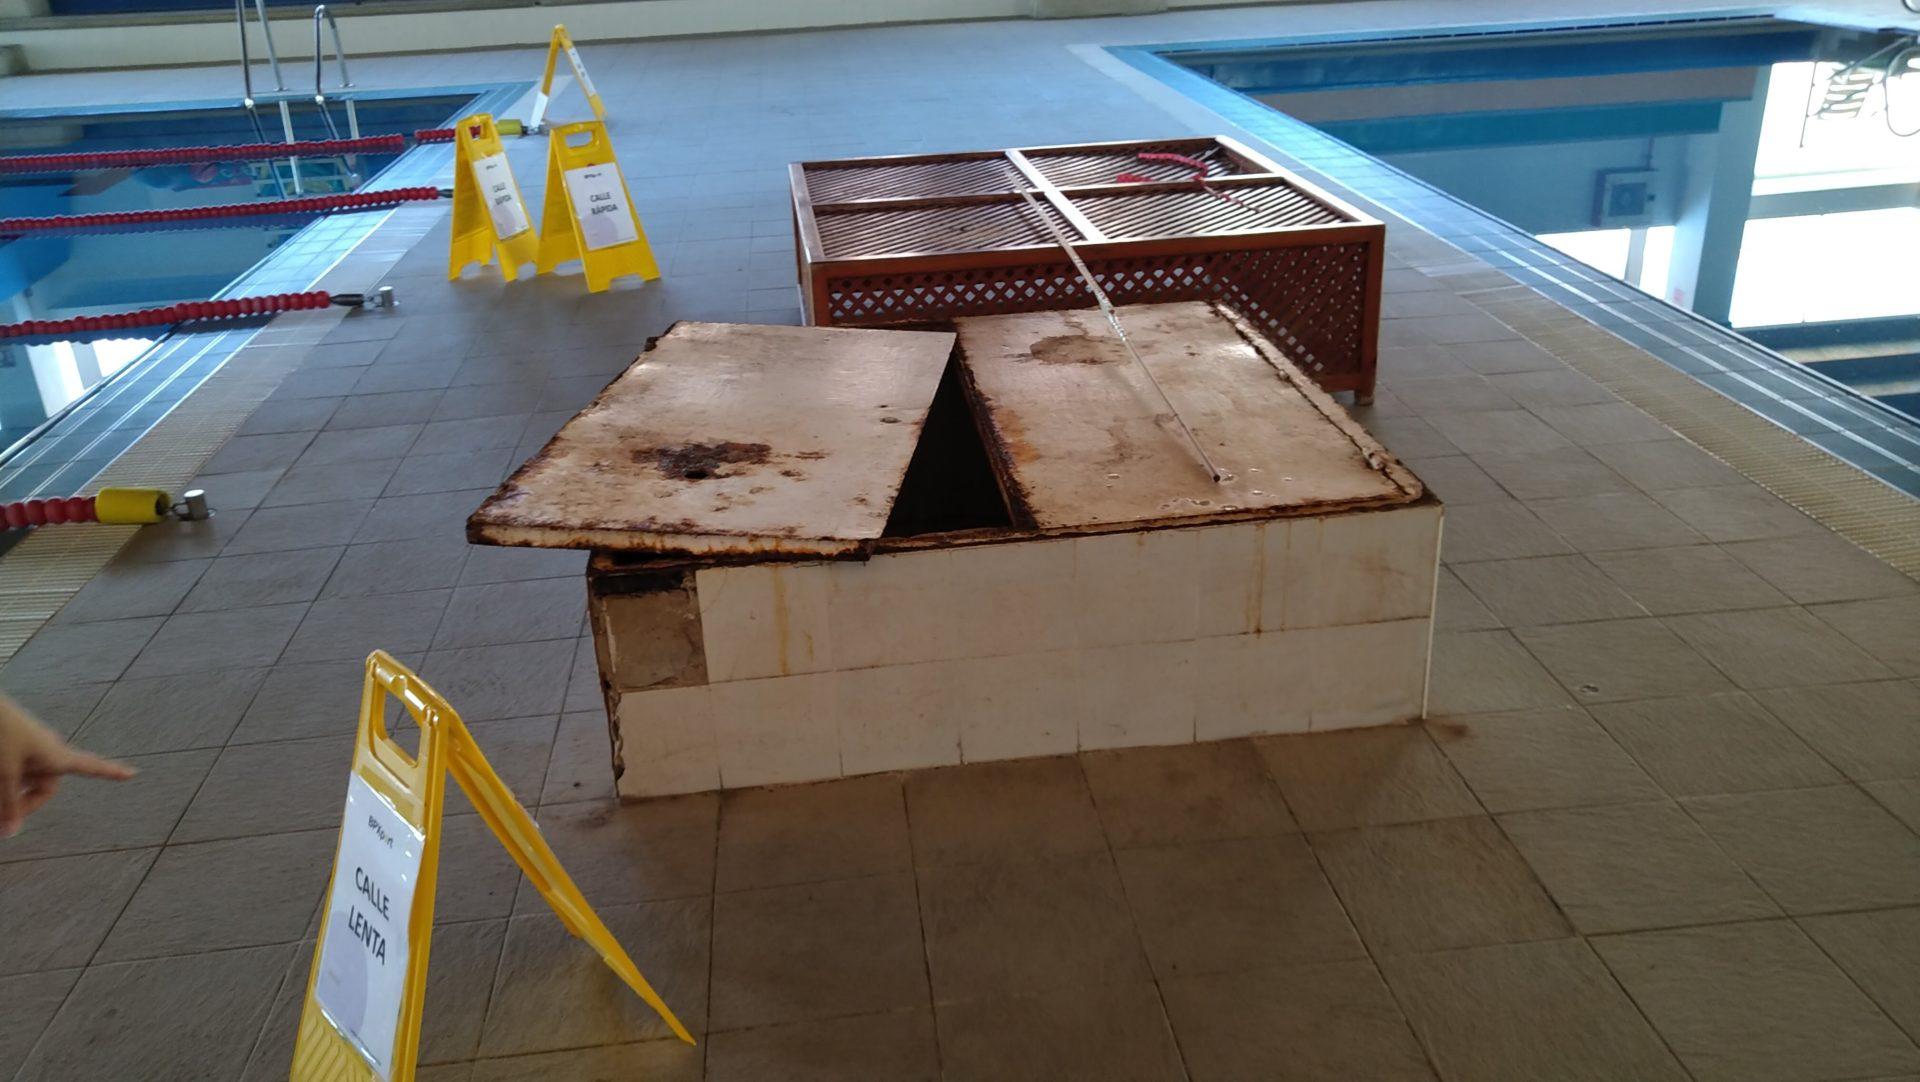 La falta de mantenimiento durante años retrasan la apertura de la piscina municipal de Vera y obliga al Ayuntamiento a realizar trabajos extraordinarios en las instalaciones